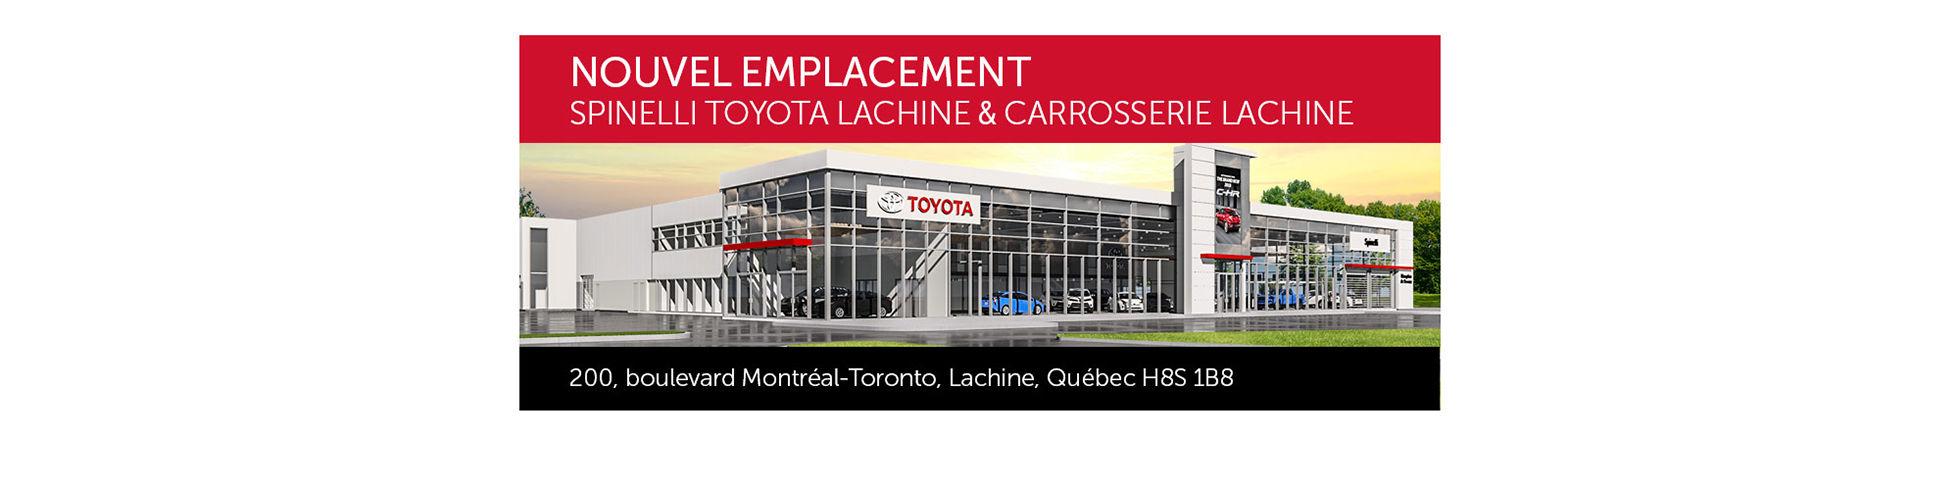 Toyota Lachine déménage